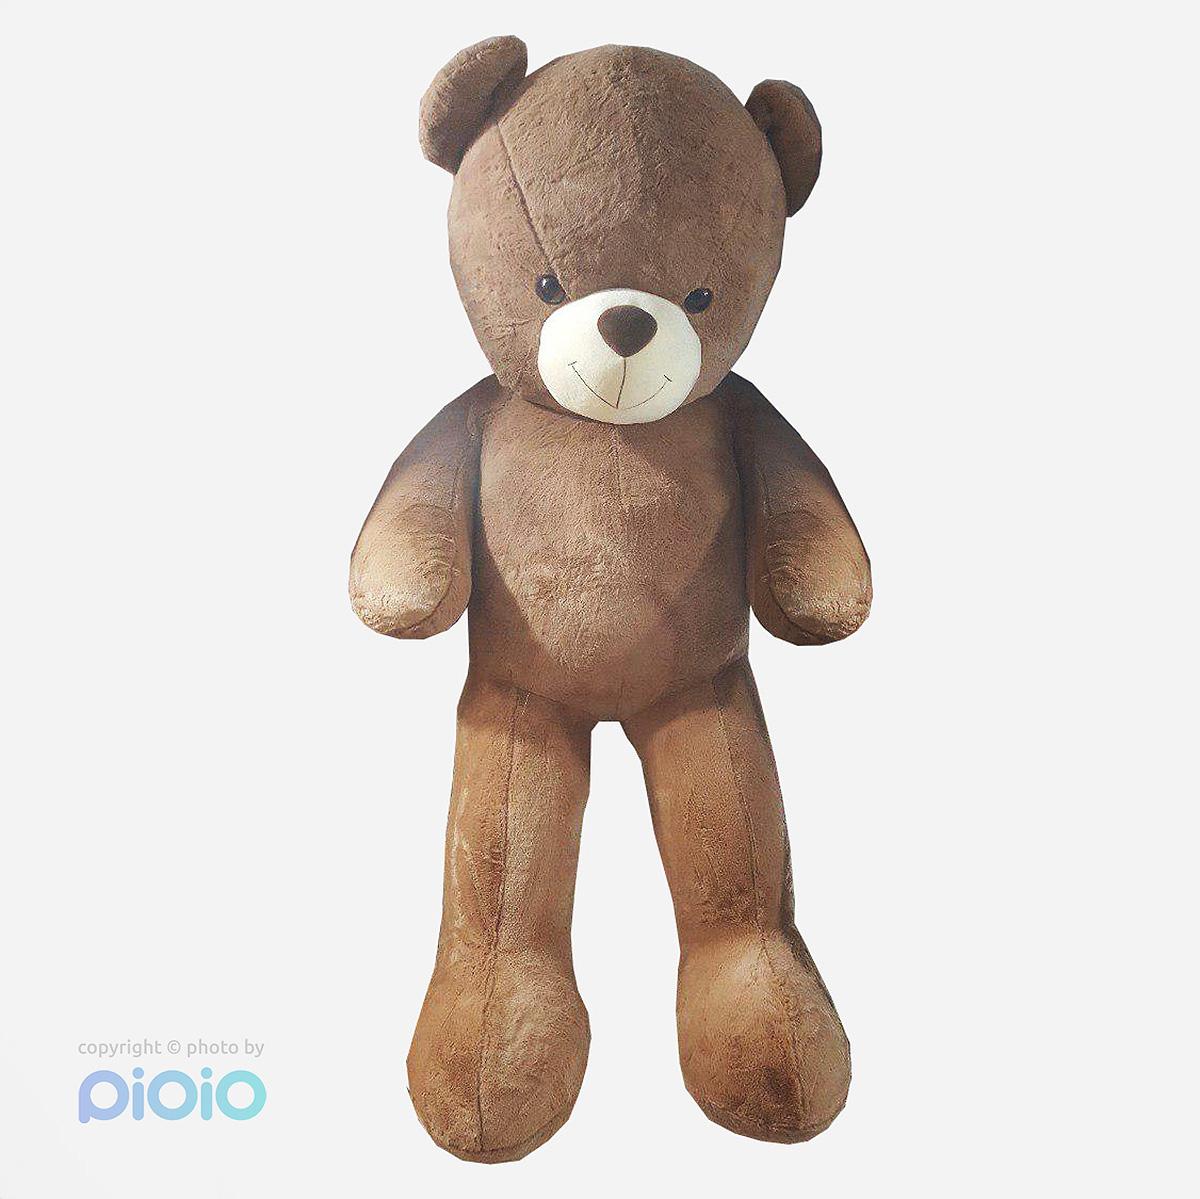 عروسک خرس دو متری بزرگ پولیشی خارجی رنگ قهوه ای روشن |